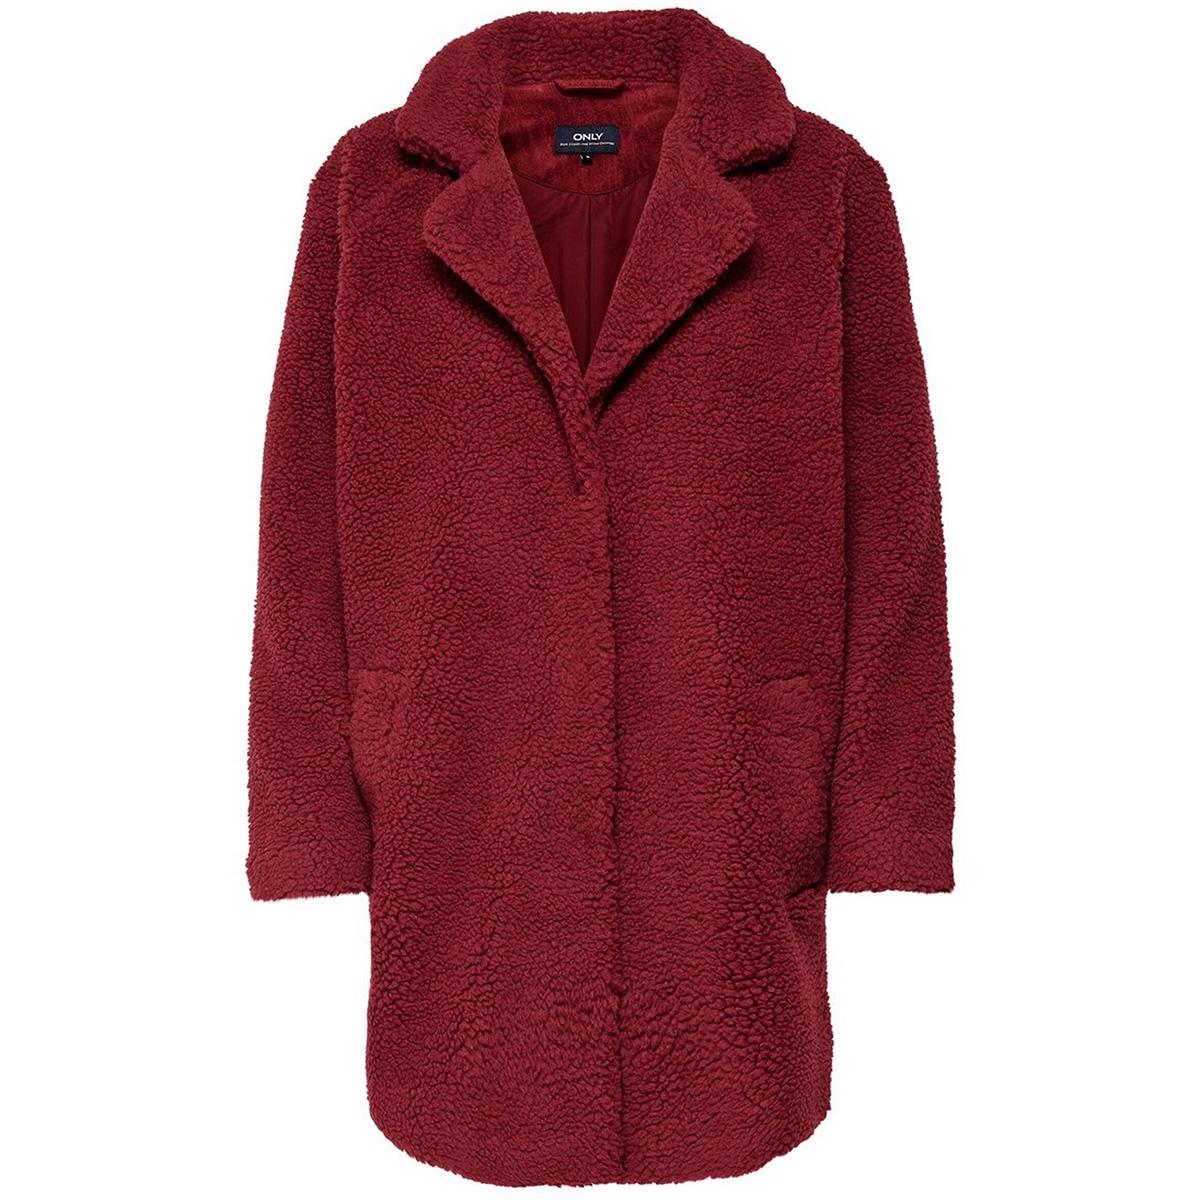 onlaurelia sherpa coat cc otw 15180347 only jas merlot